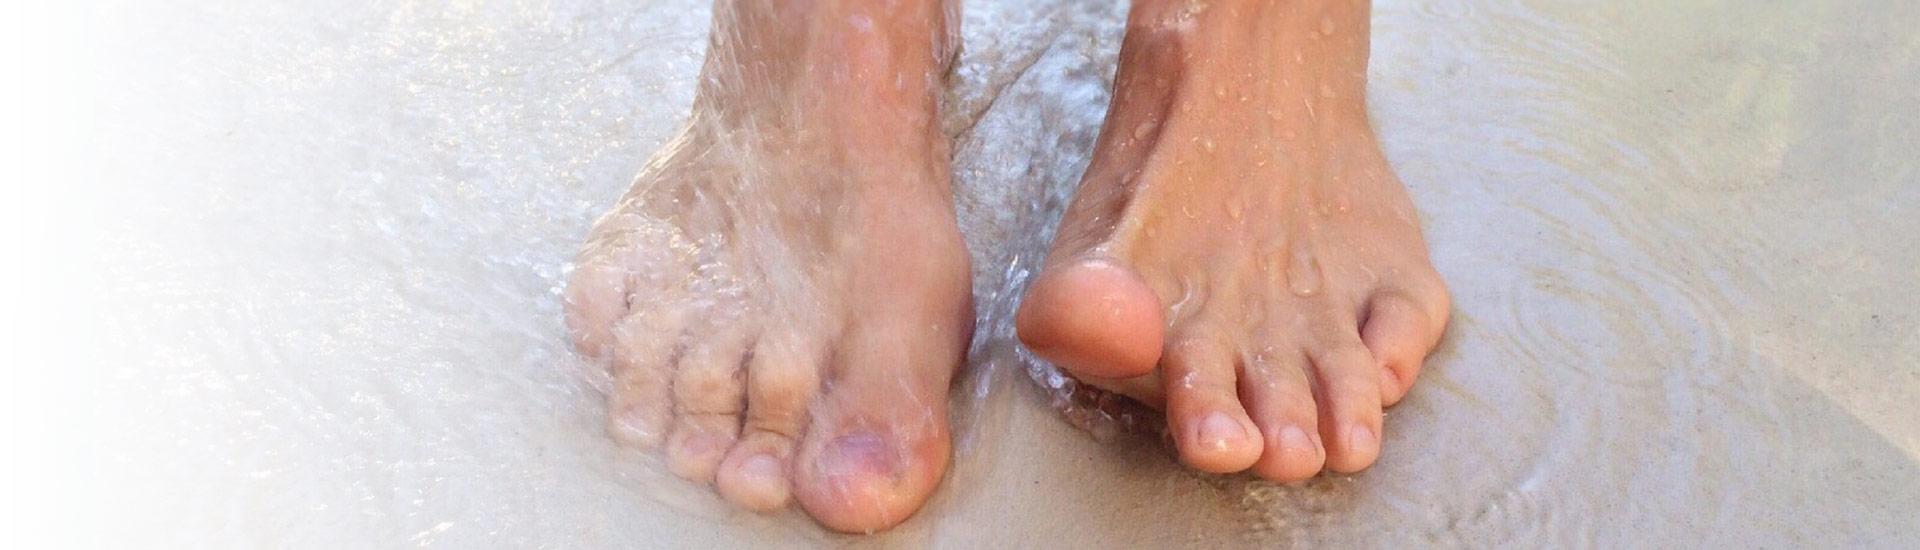 Füße - Podologie Fußpflege Meister